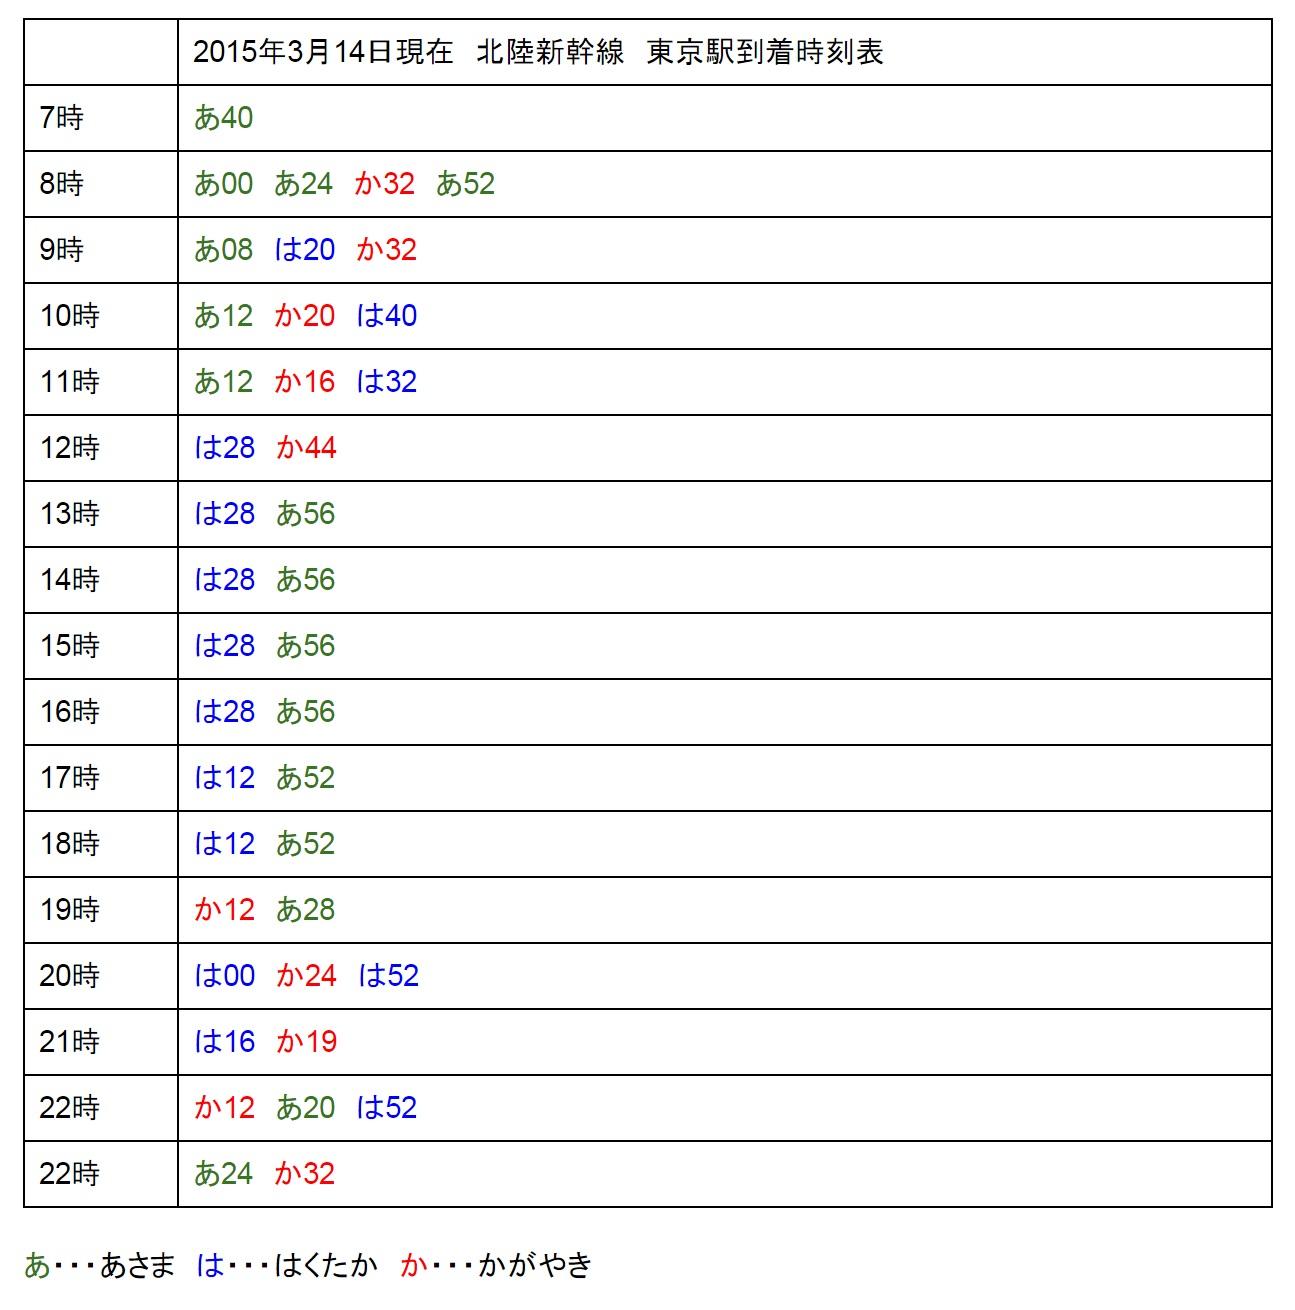 2015年3月14日現在 北陸新幹線 東京駅到着時刻表